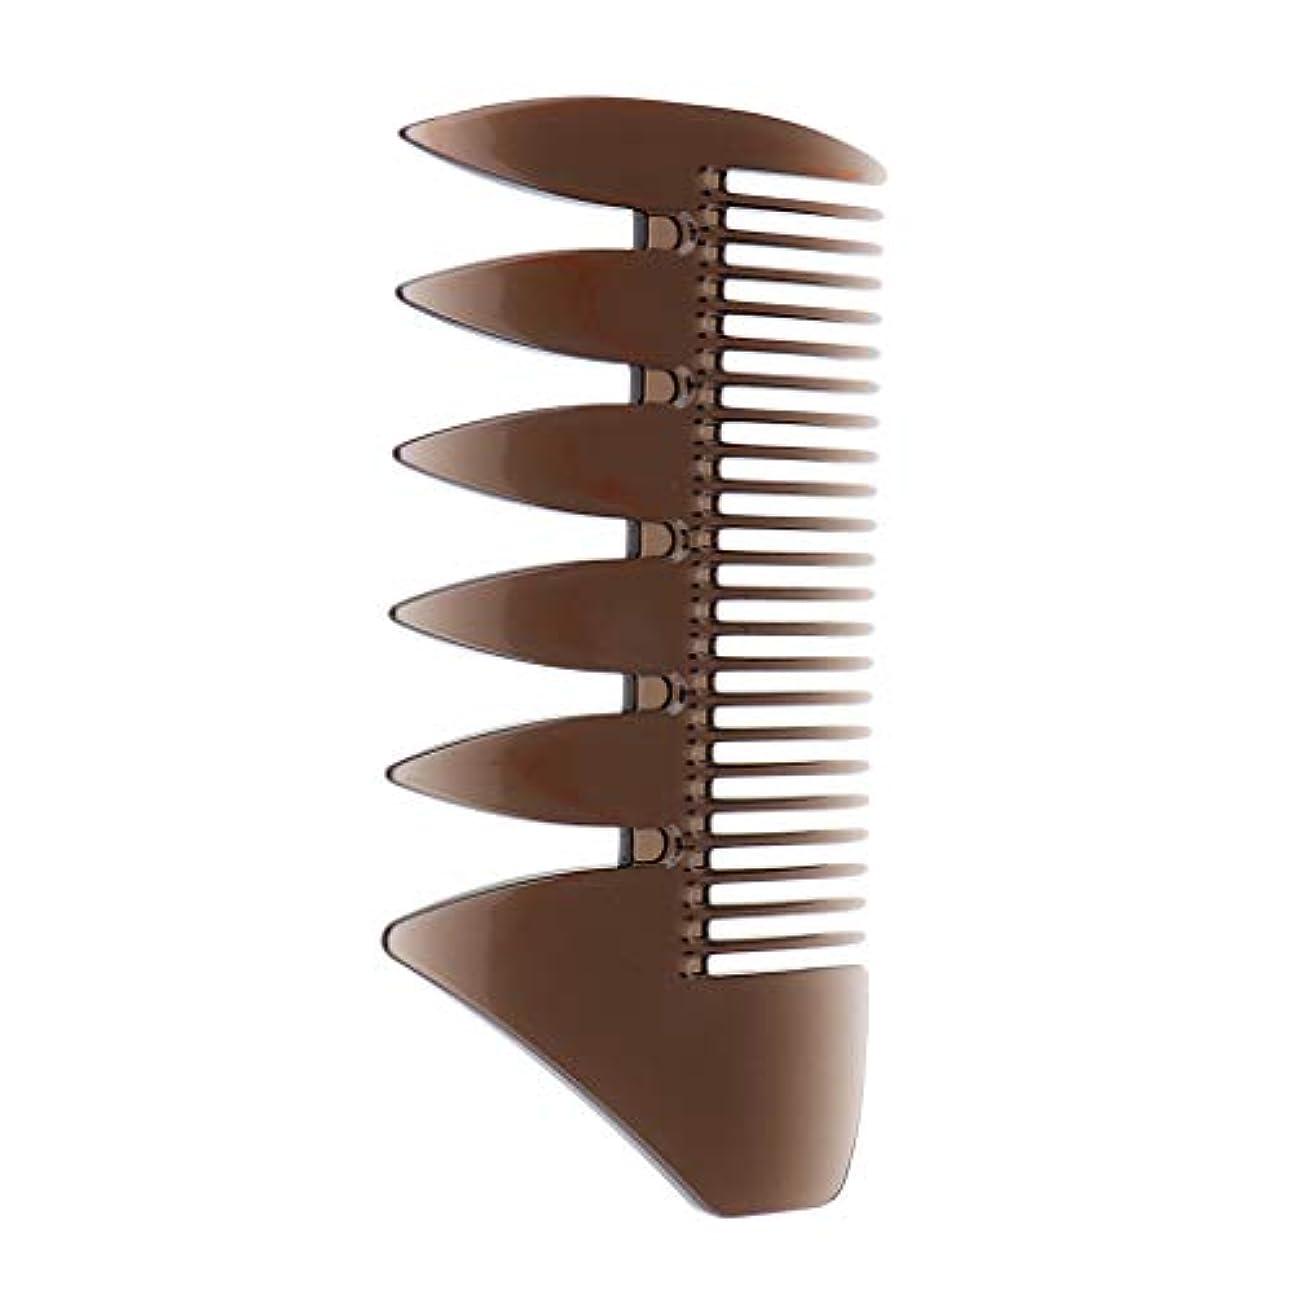 ジャズええつかいますヘアコンビ デュアルサイド メンズ オイルヘアピック サロン ヘアスタイリング 櫛 ヘアブラシ